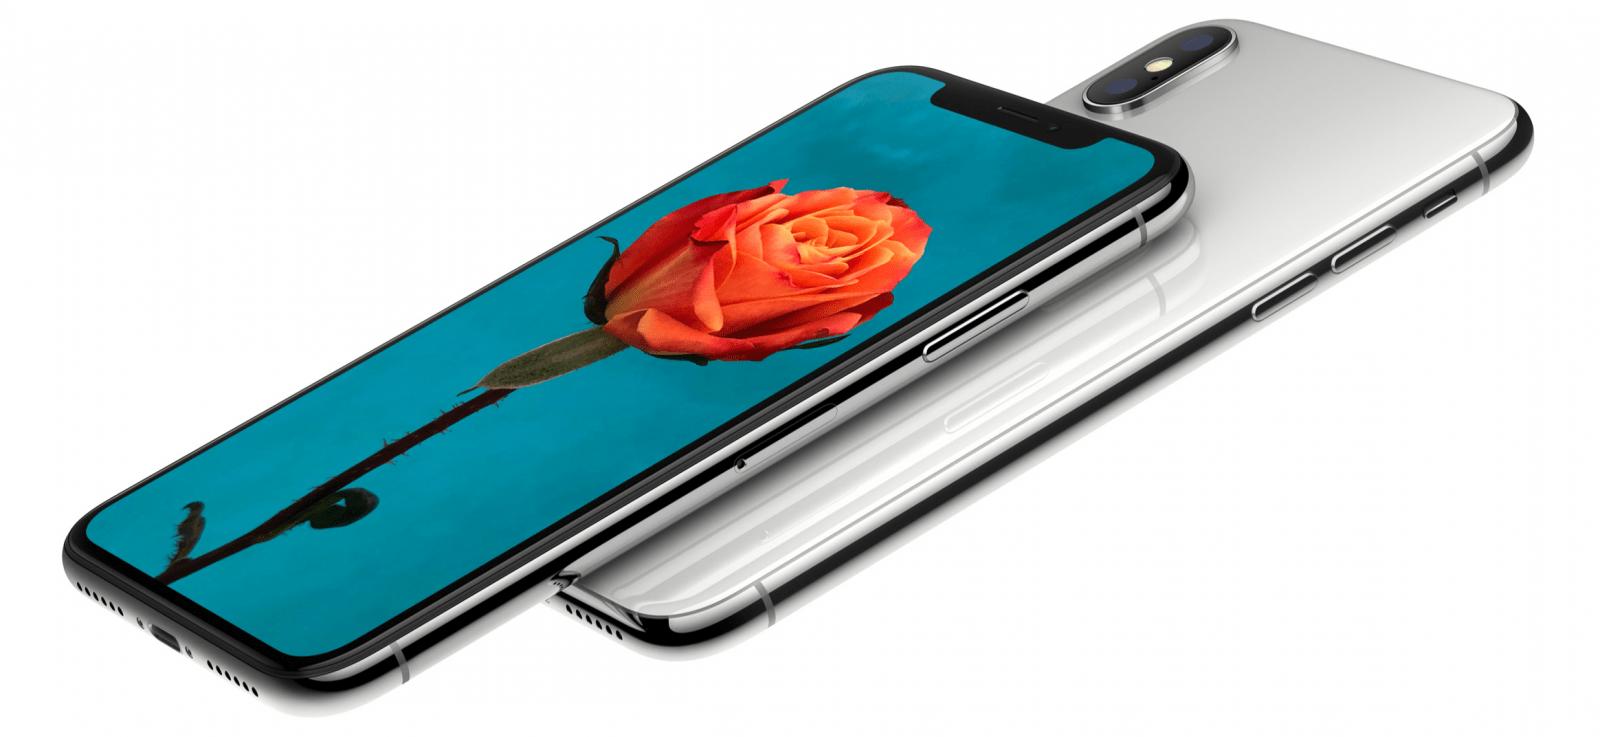 Ponownie skraca się czas oczekiwania na iPhone'a X